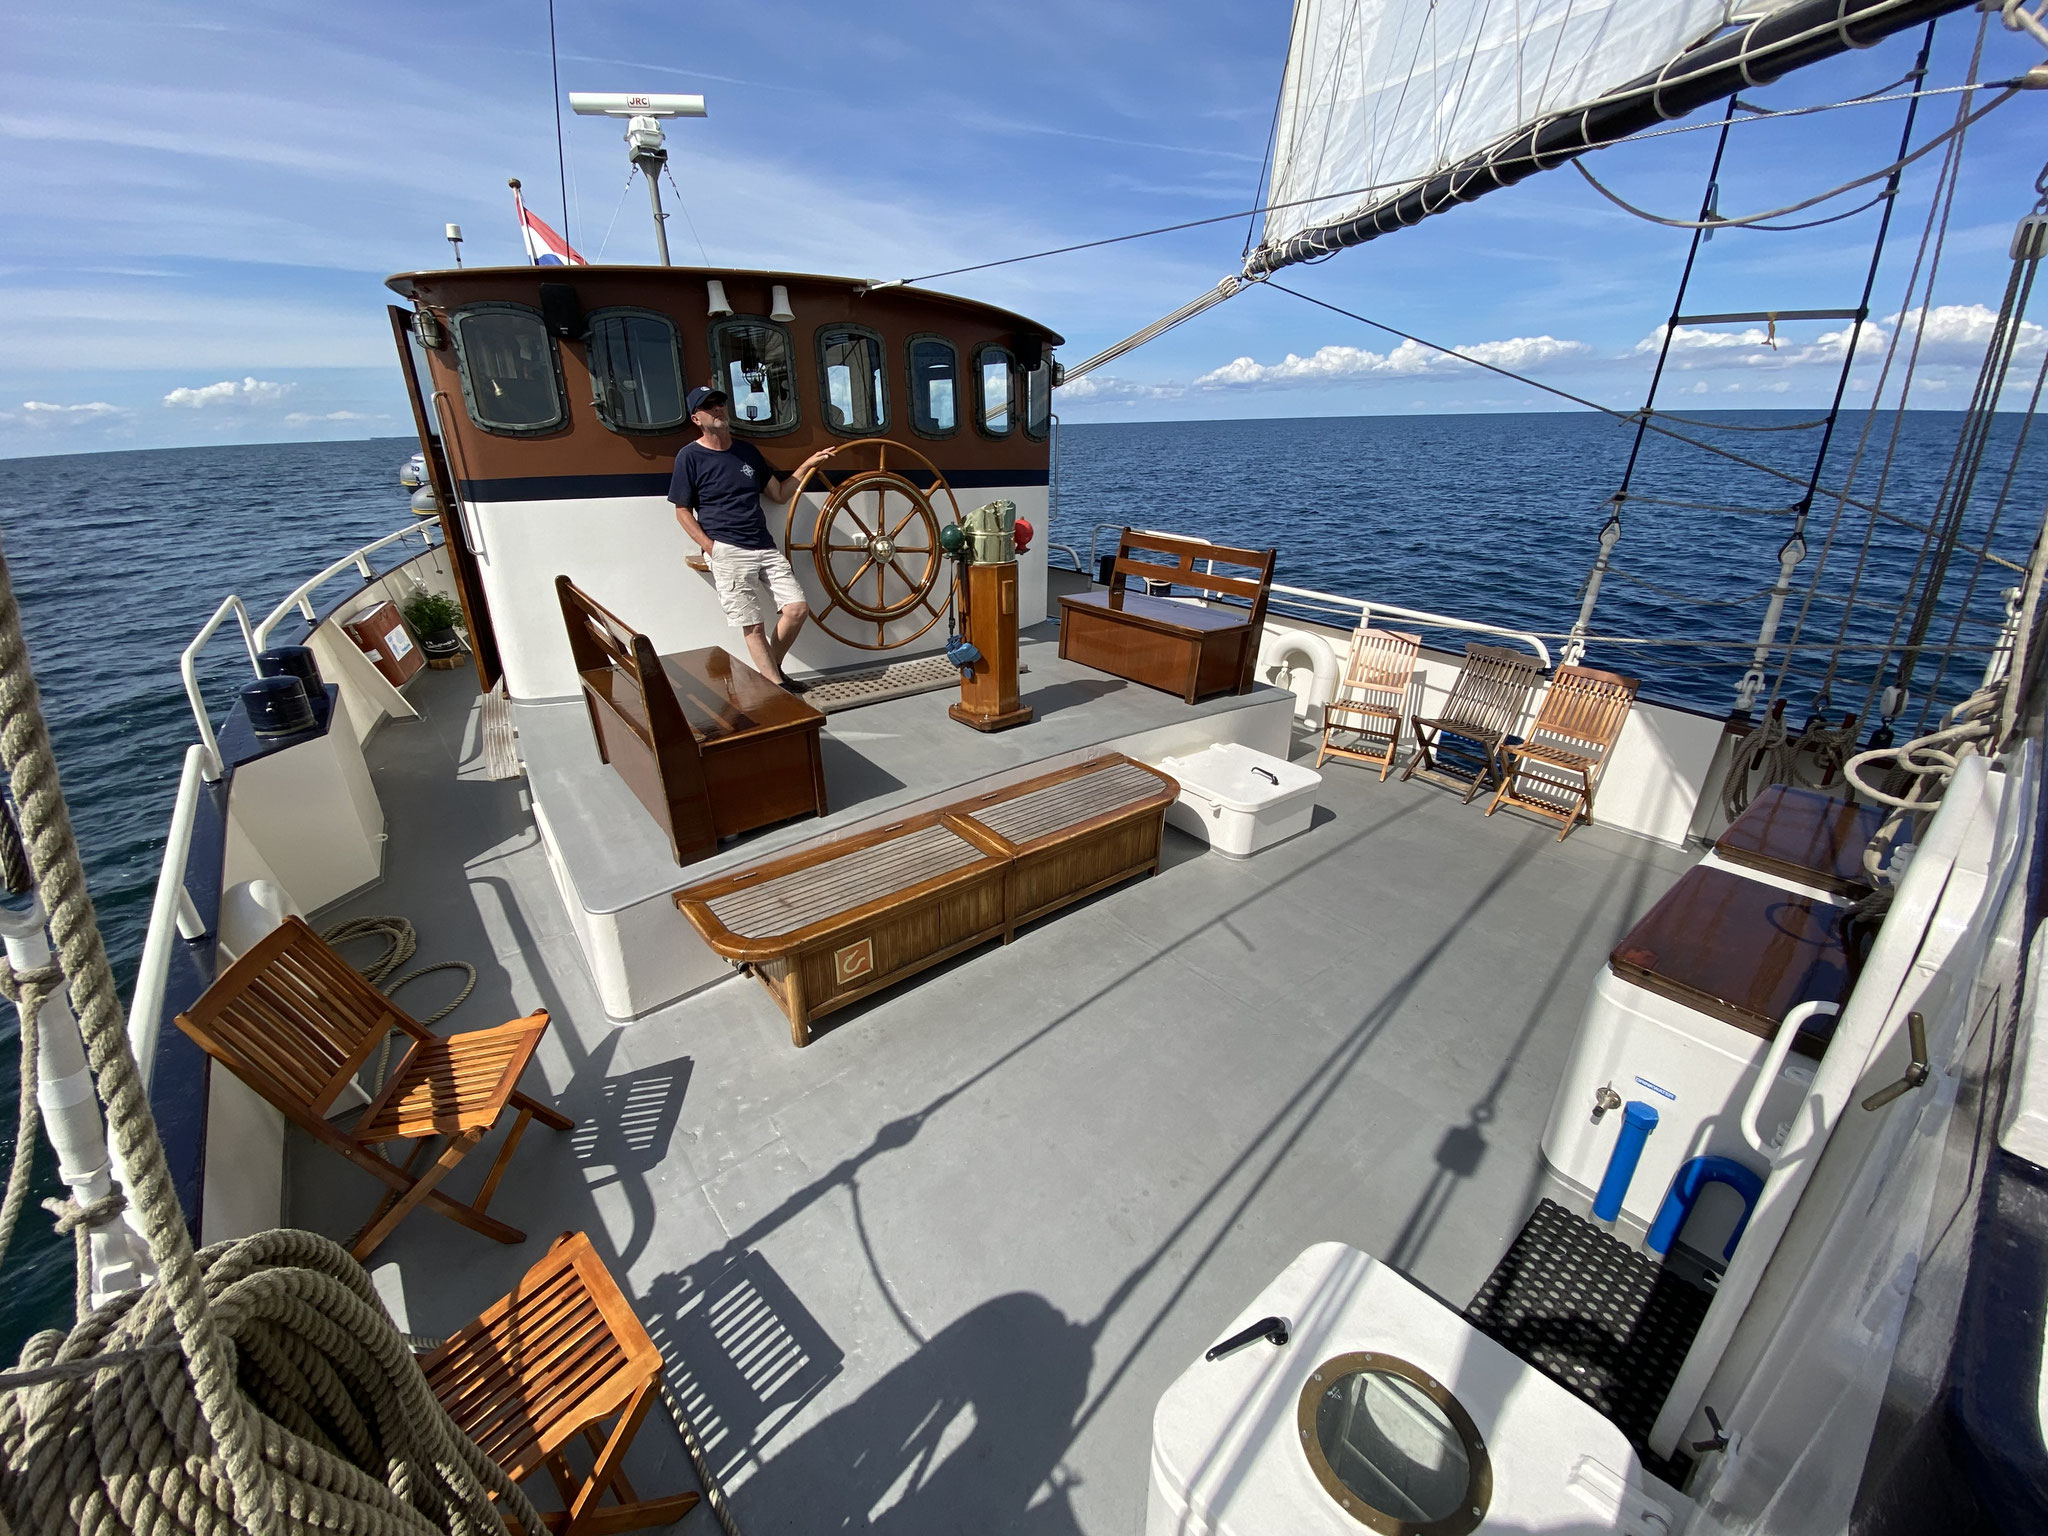 Zeilschip Stortemelk